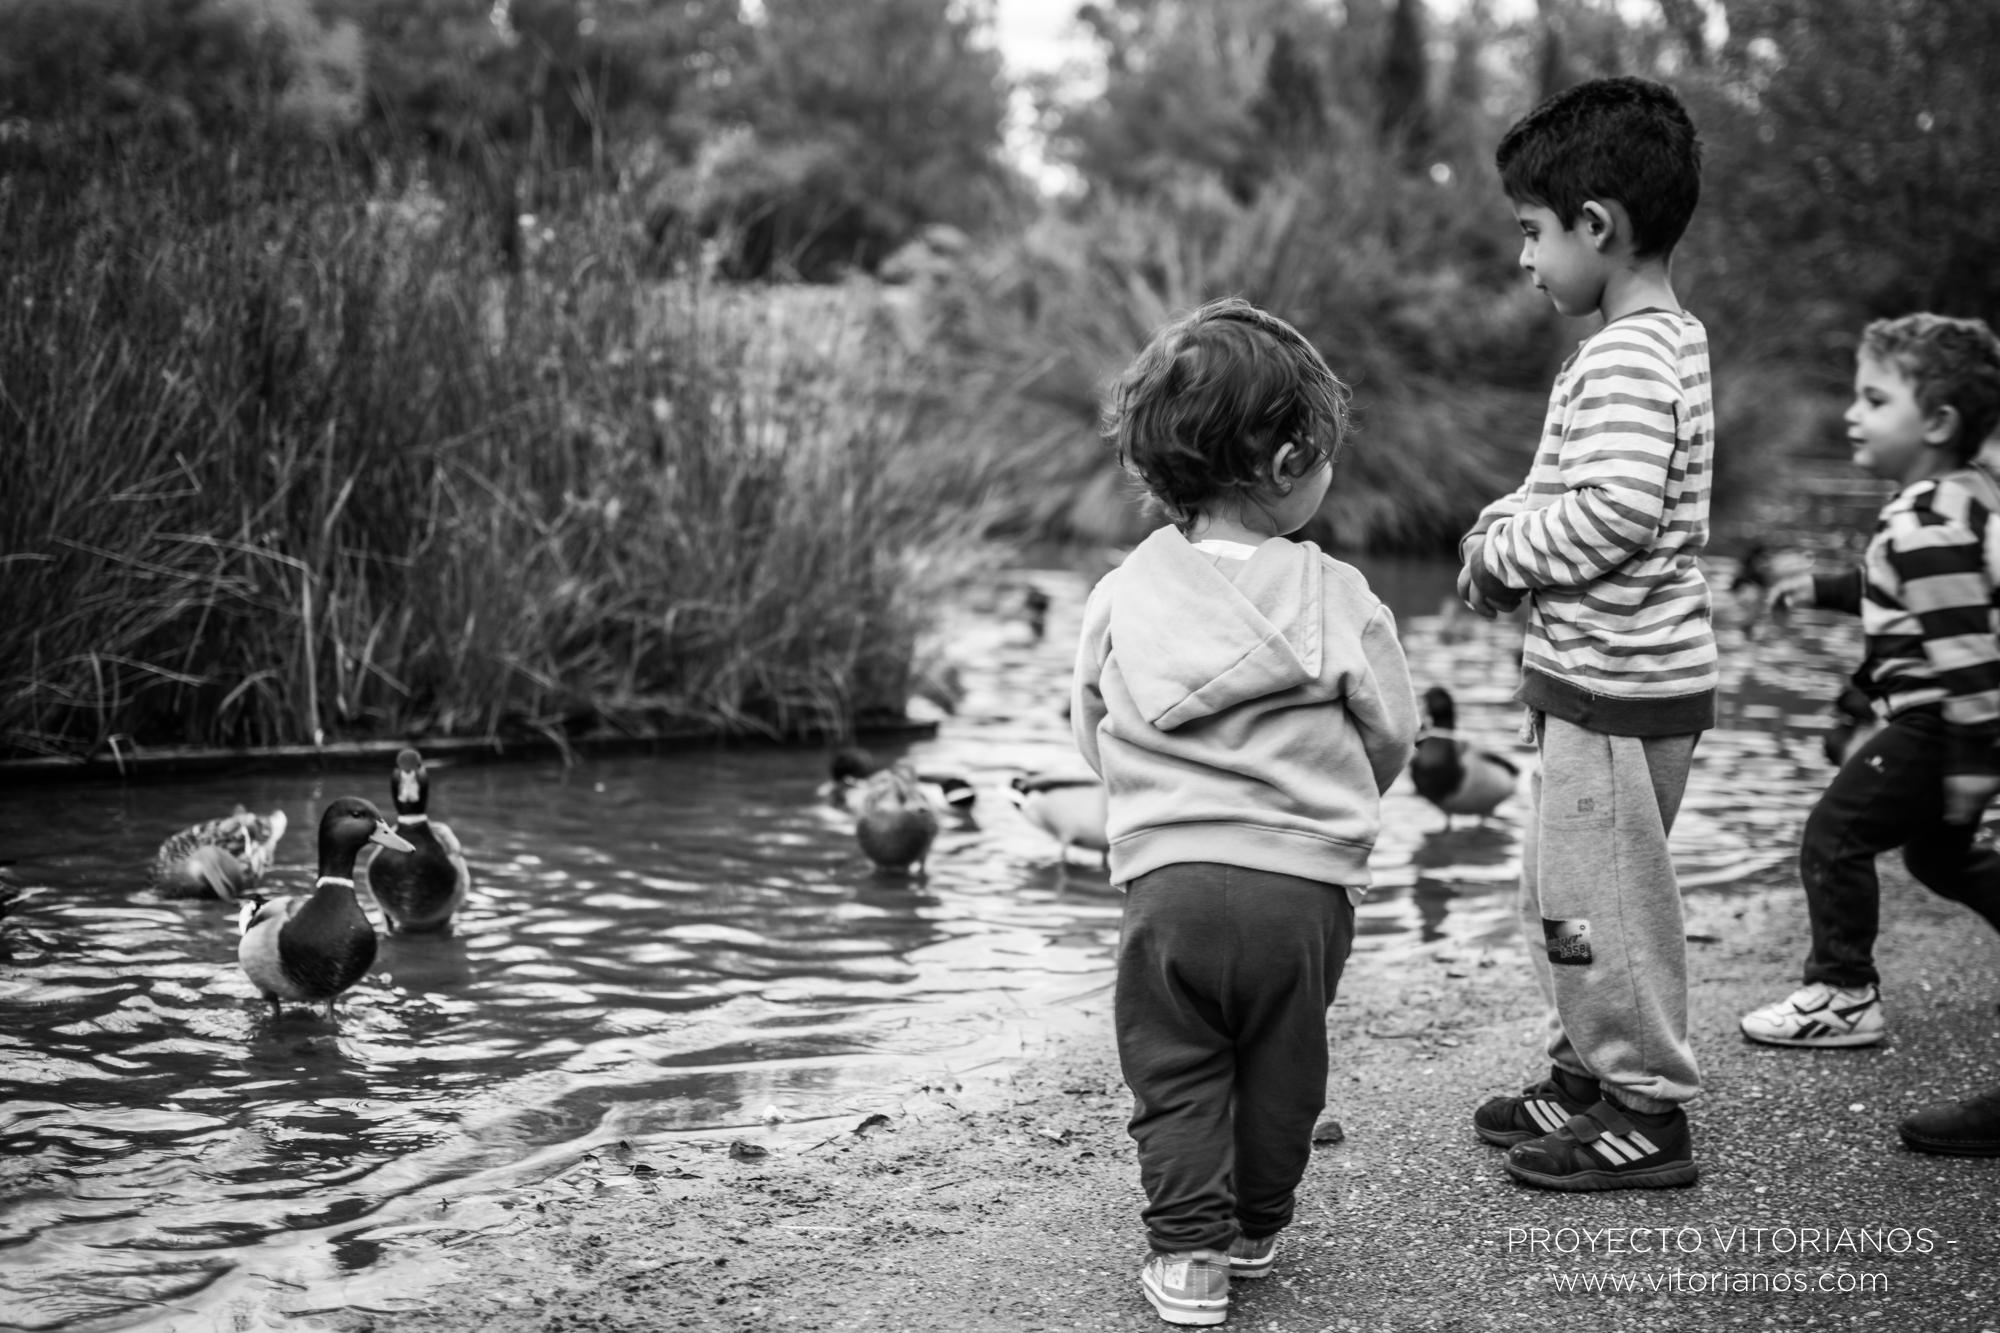 Dando pan a los patos en el Parque de Arriaga - Foto: Patri Blanco